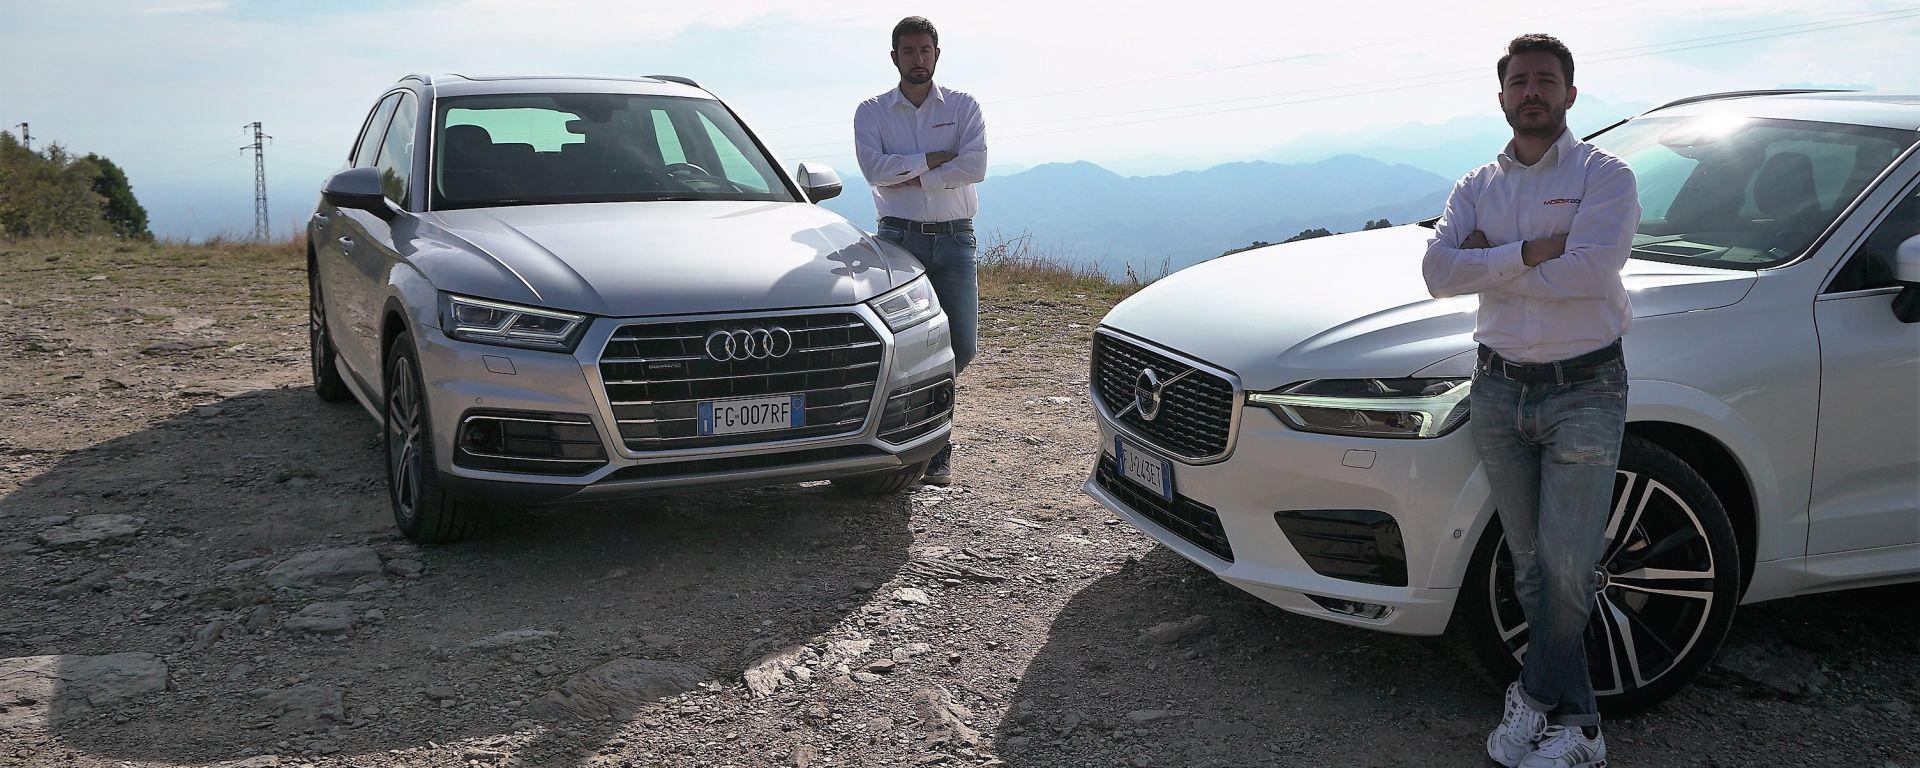 Nuova Volvo XC60 VS nuova Audi Q5: la sfida tutta premium